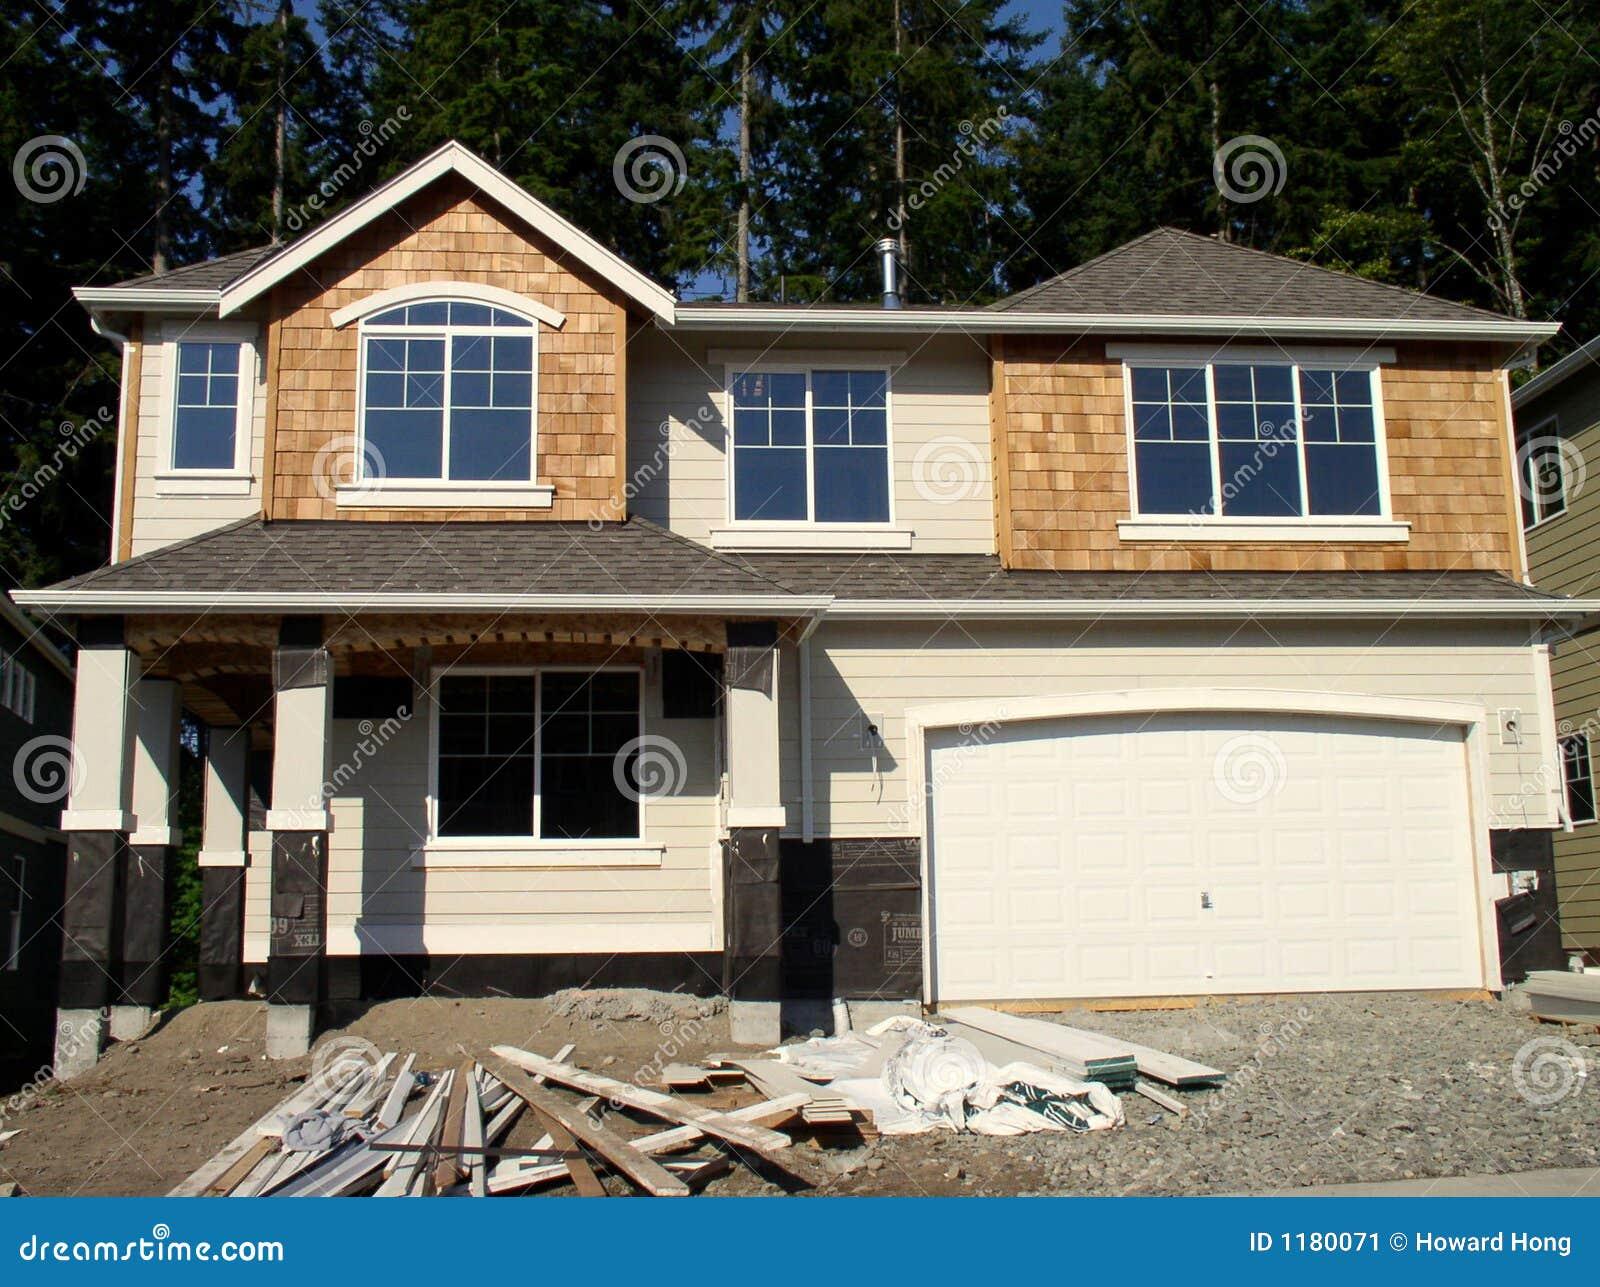 Budowy nowego domu